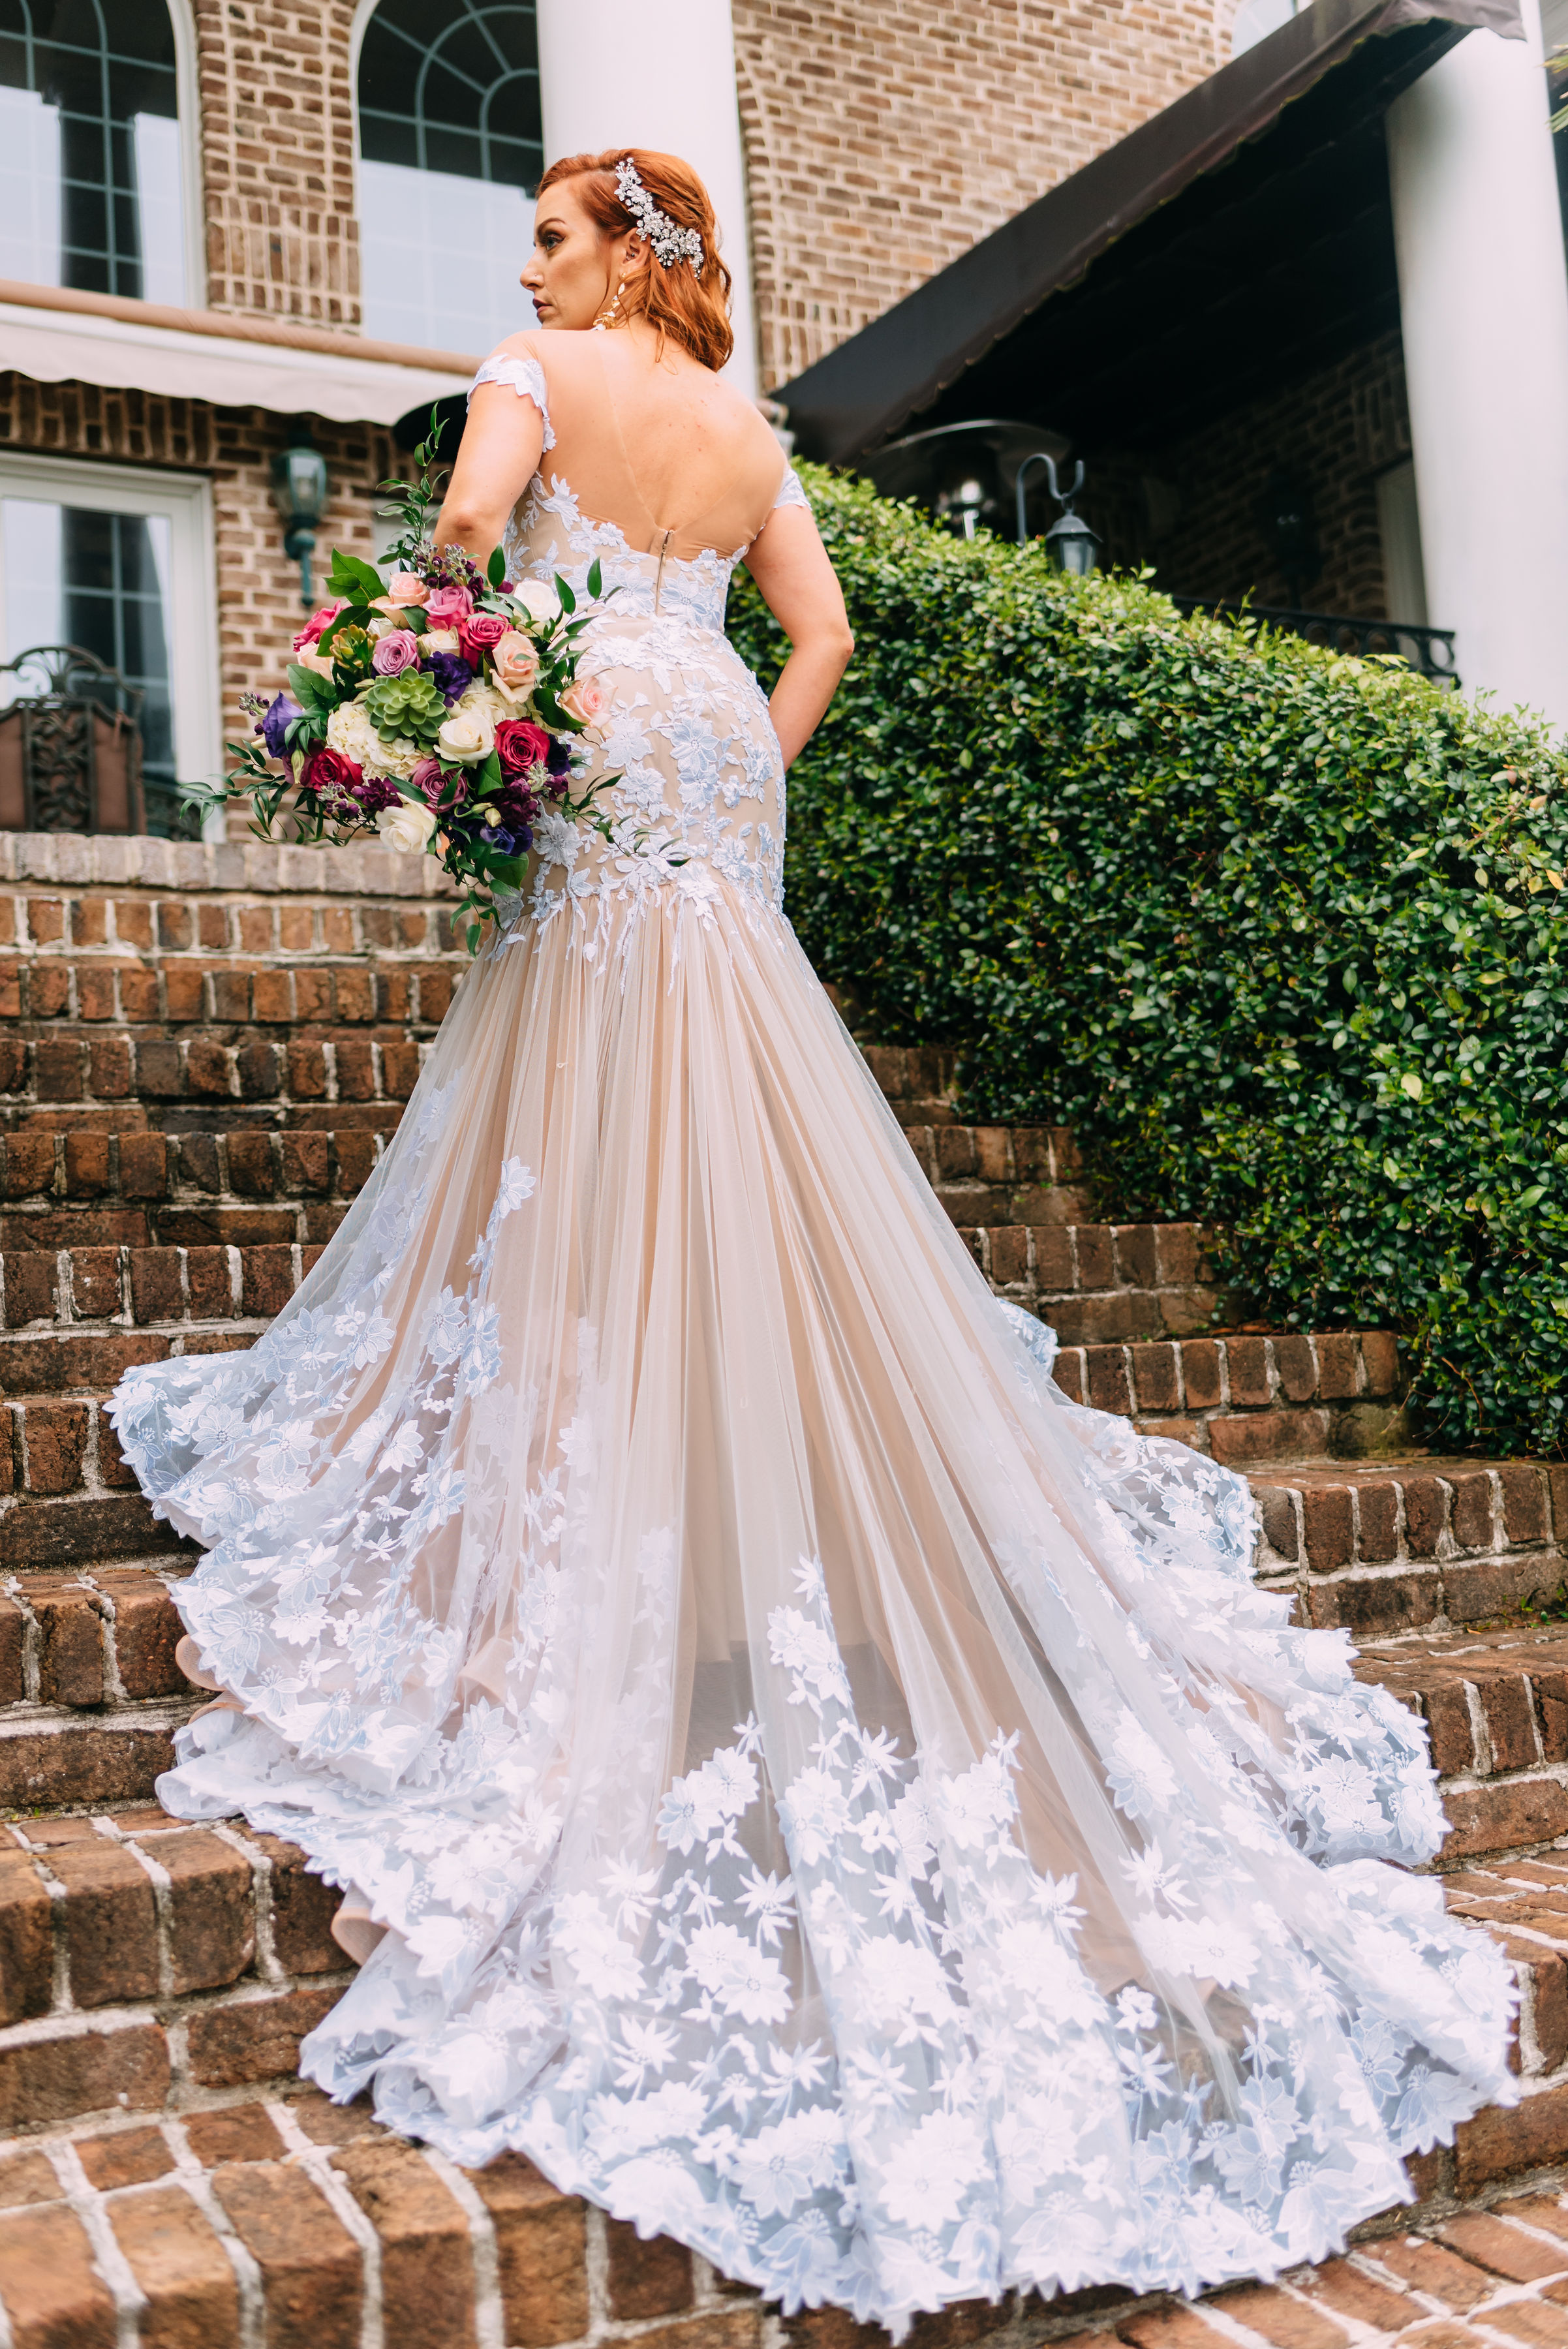 AshleyF_bridals-86.jpg